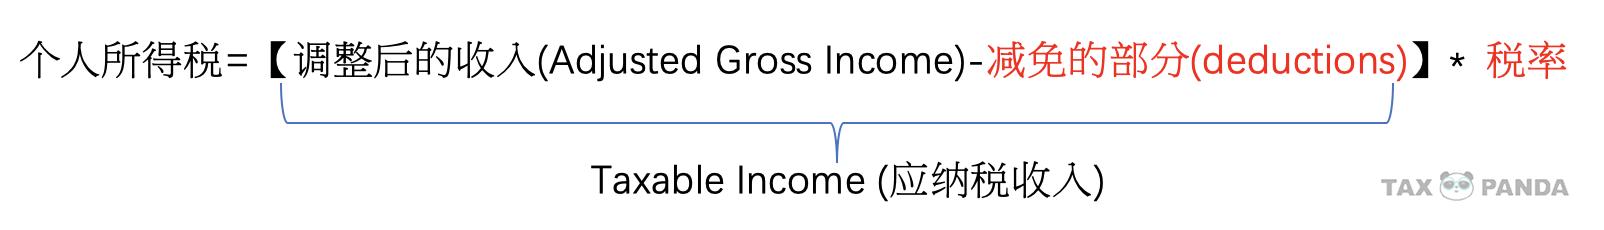 联合报税 一家之主 单身 报税身份 计算